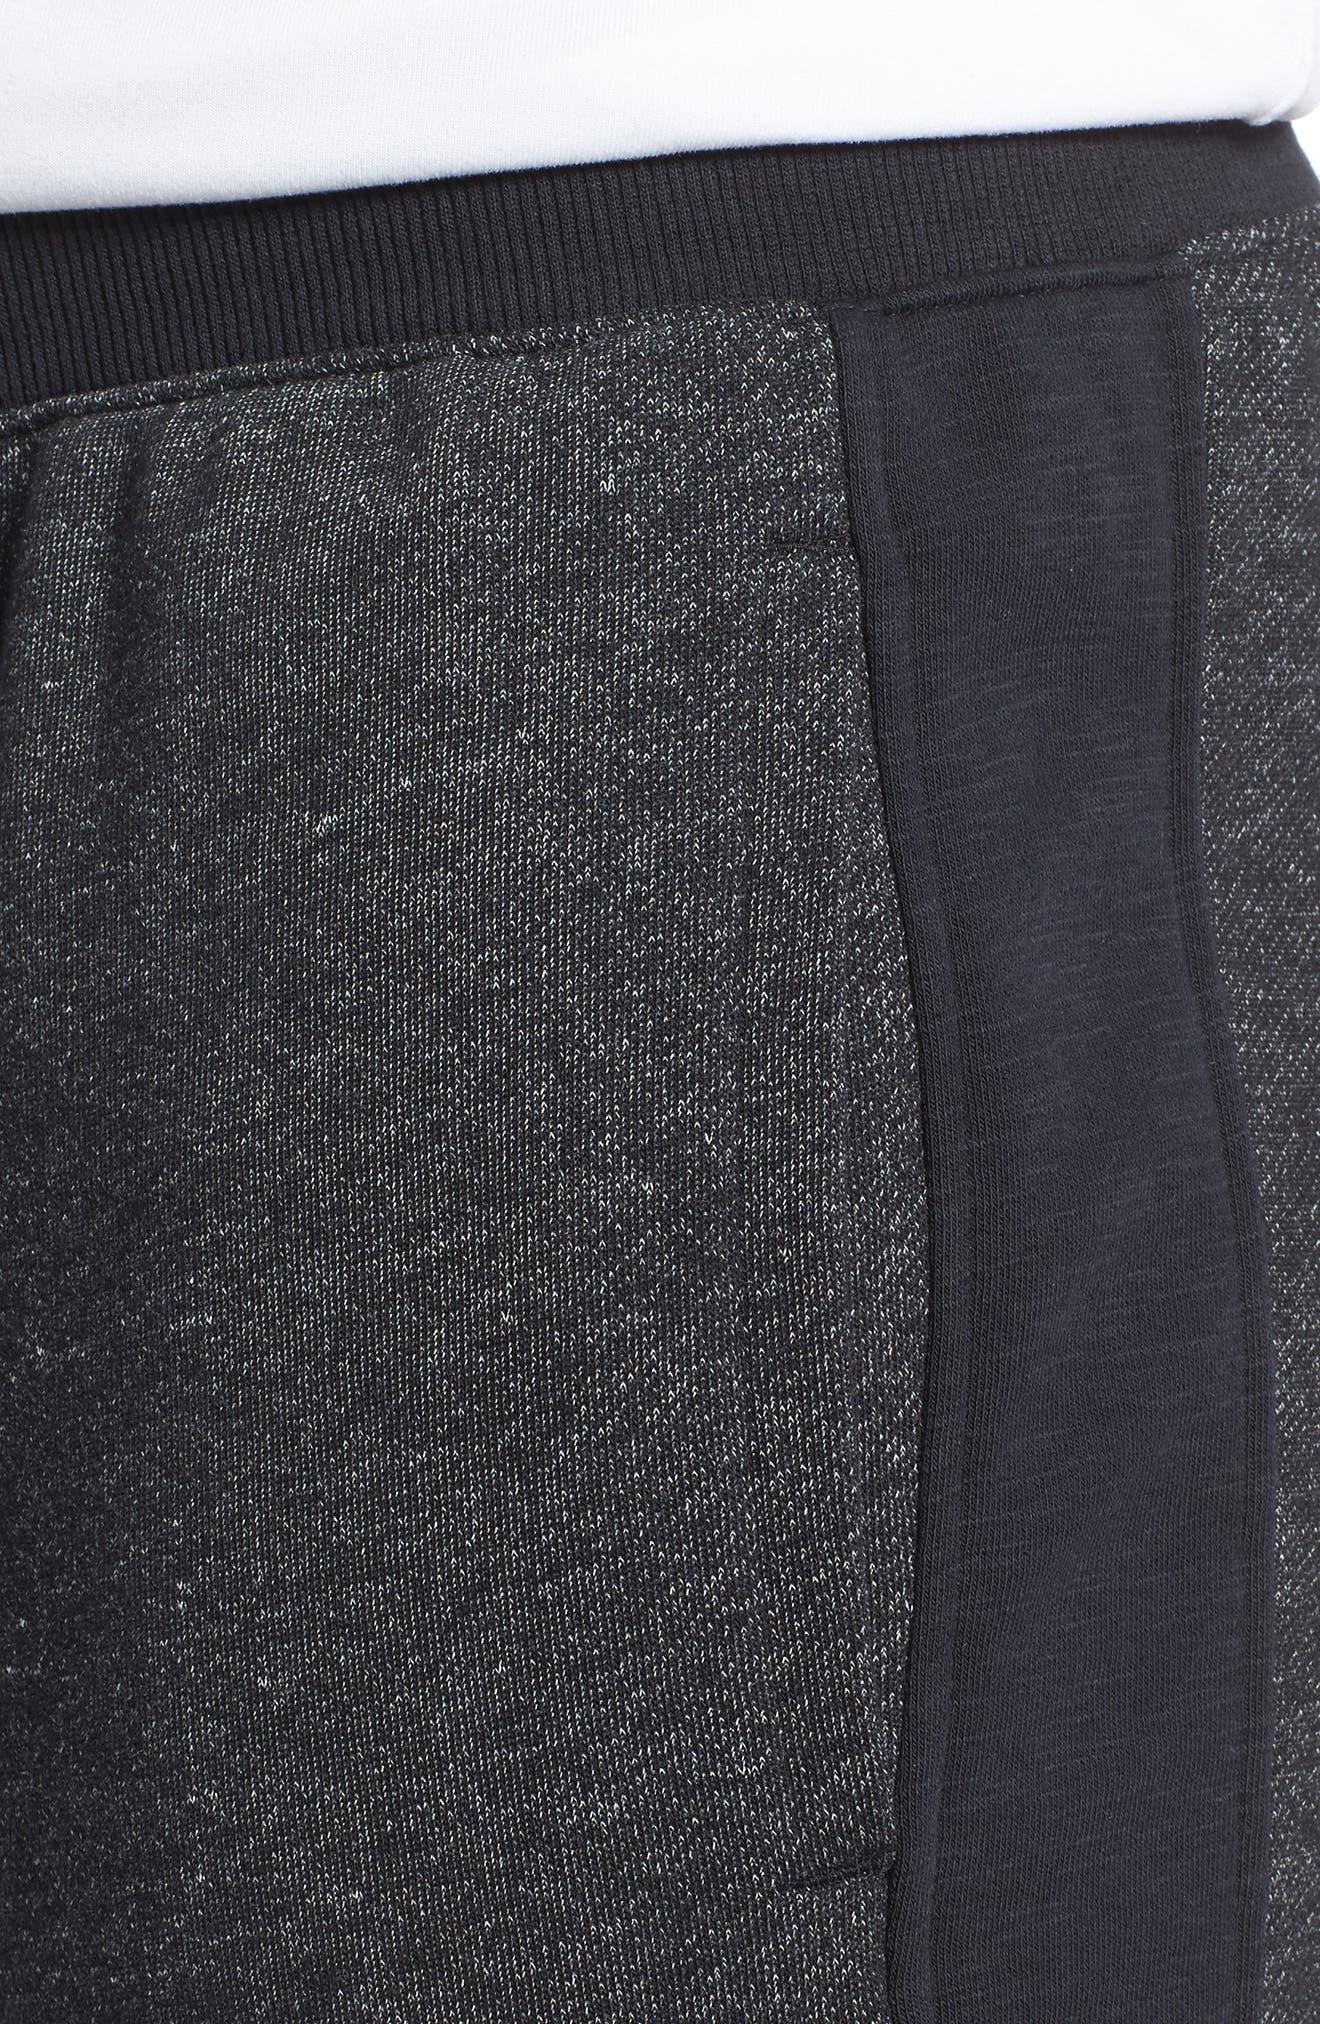 Sportstyle Fitted Fleece Leggings,                             Alternate thumbnail 4, color,                             001